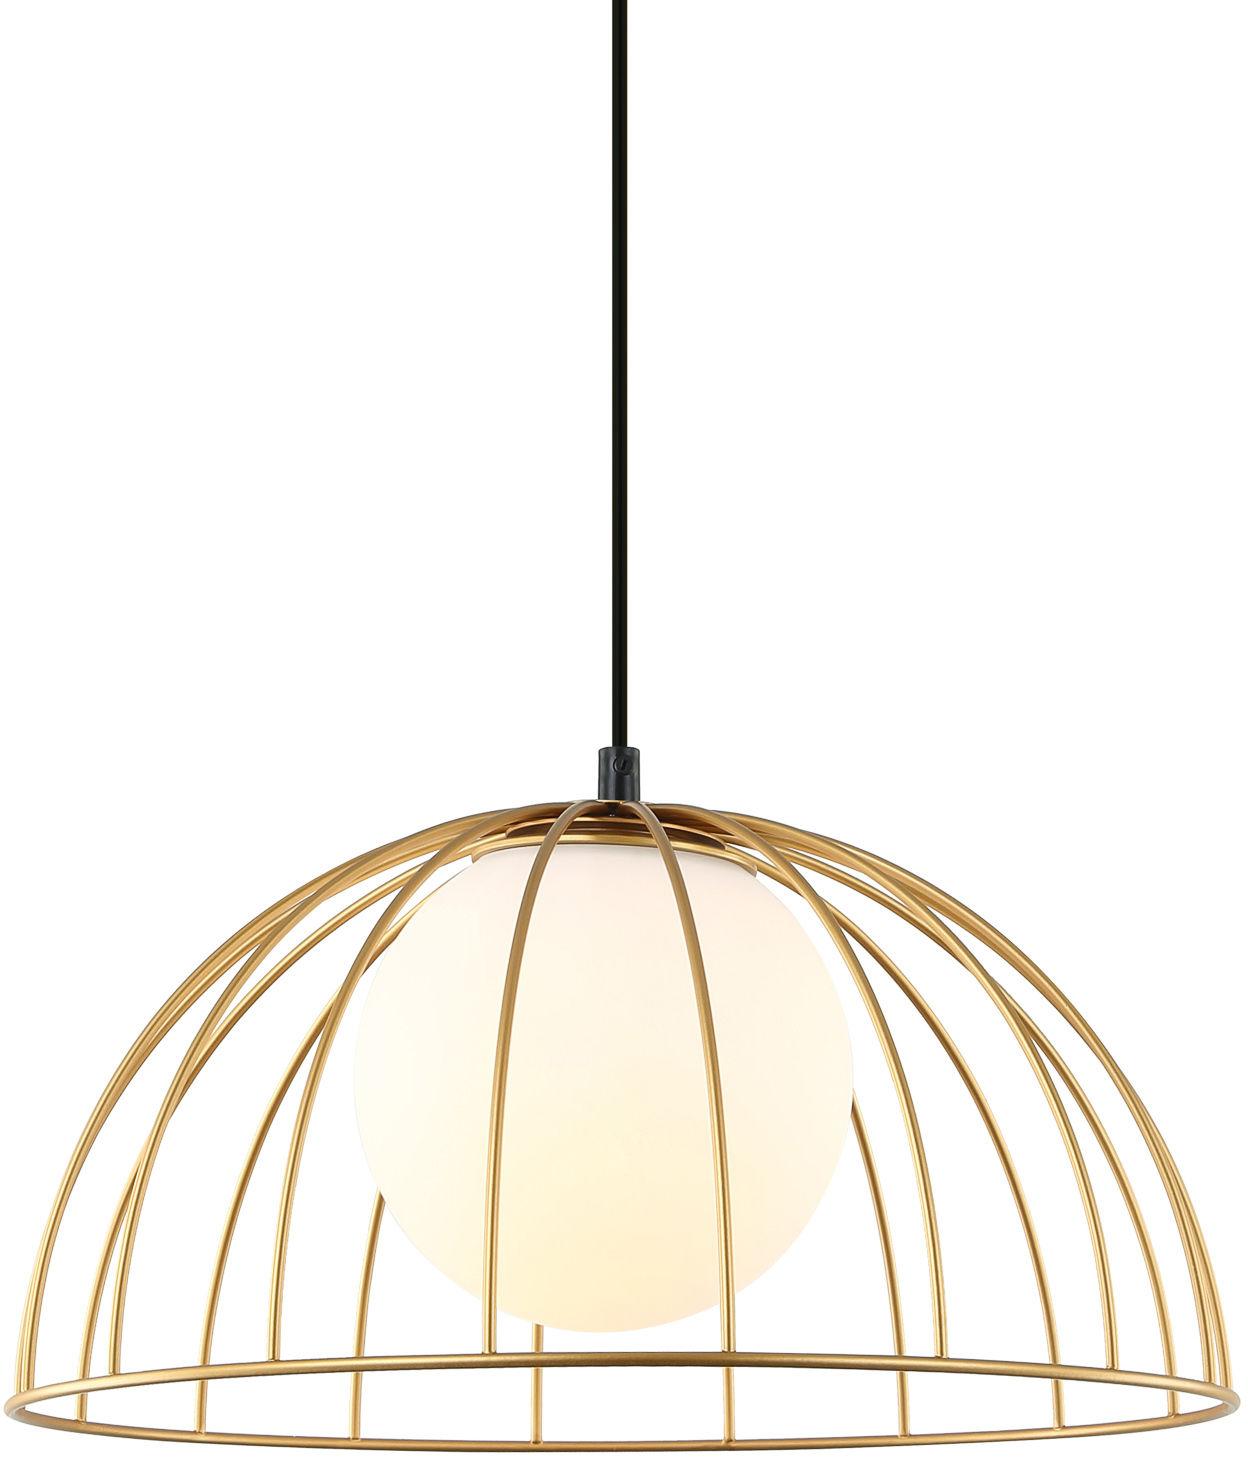 Italux lampa wisząca Louis MDM-3761/1M GD złota druciana z białym szklanym kloszem 35cm